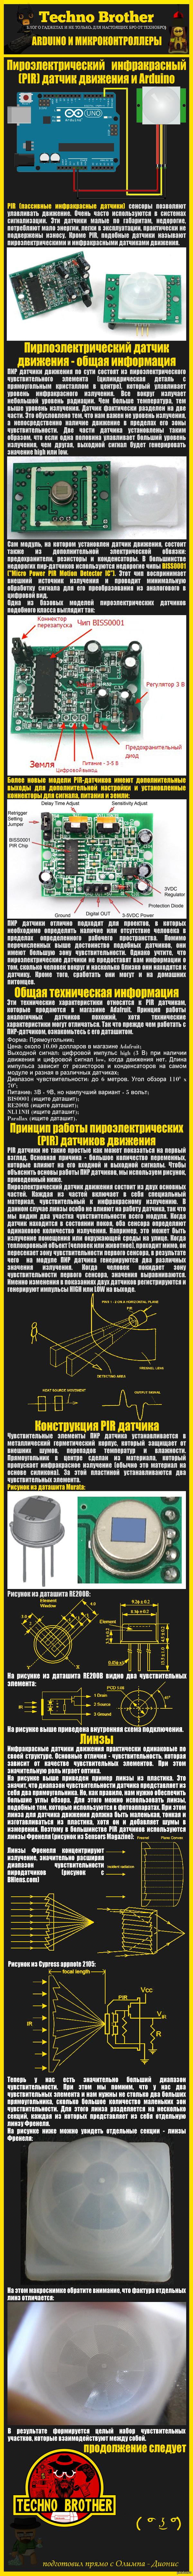 DIY ништяки: PIR датчик движения ч.1 PIR, Датчик, Своими руками, Arduino, Микроконтроллеры, TechnoBrother, Длиннопост